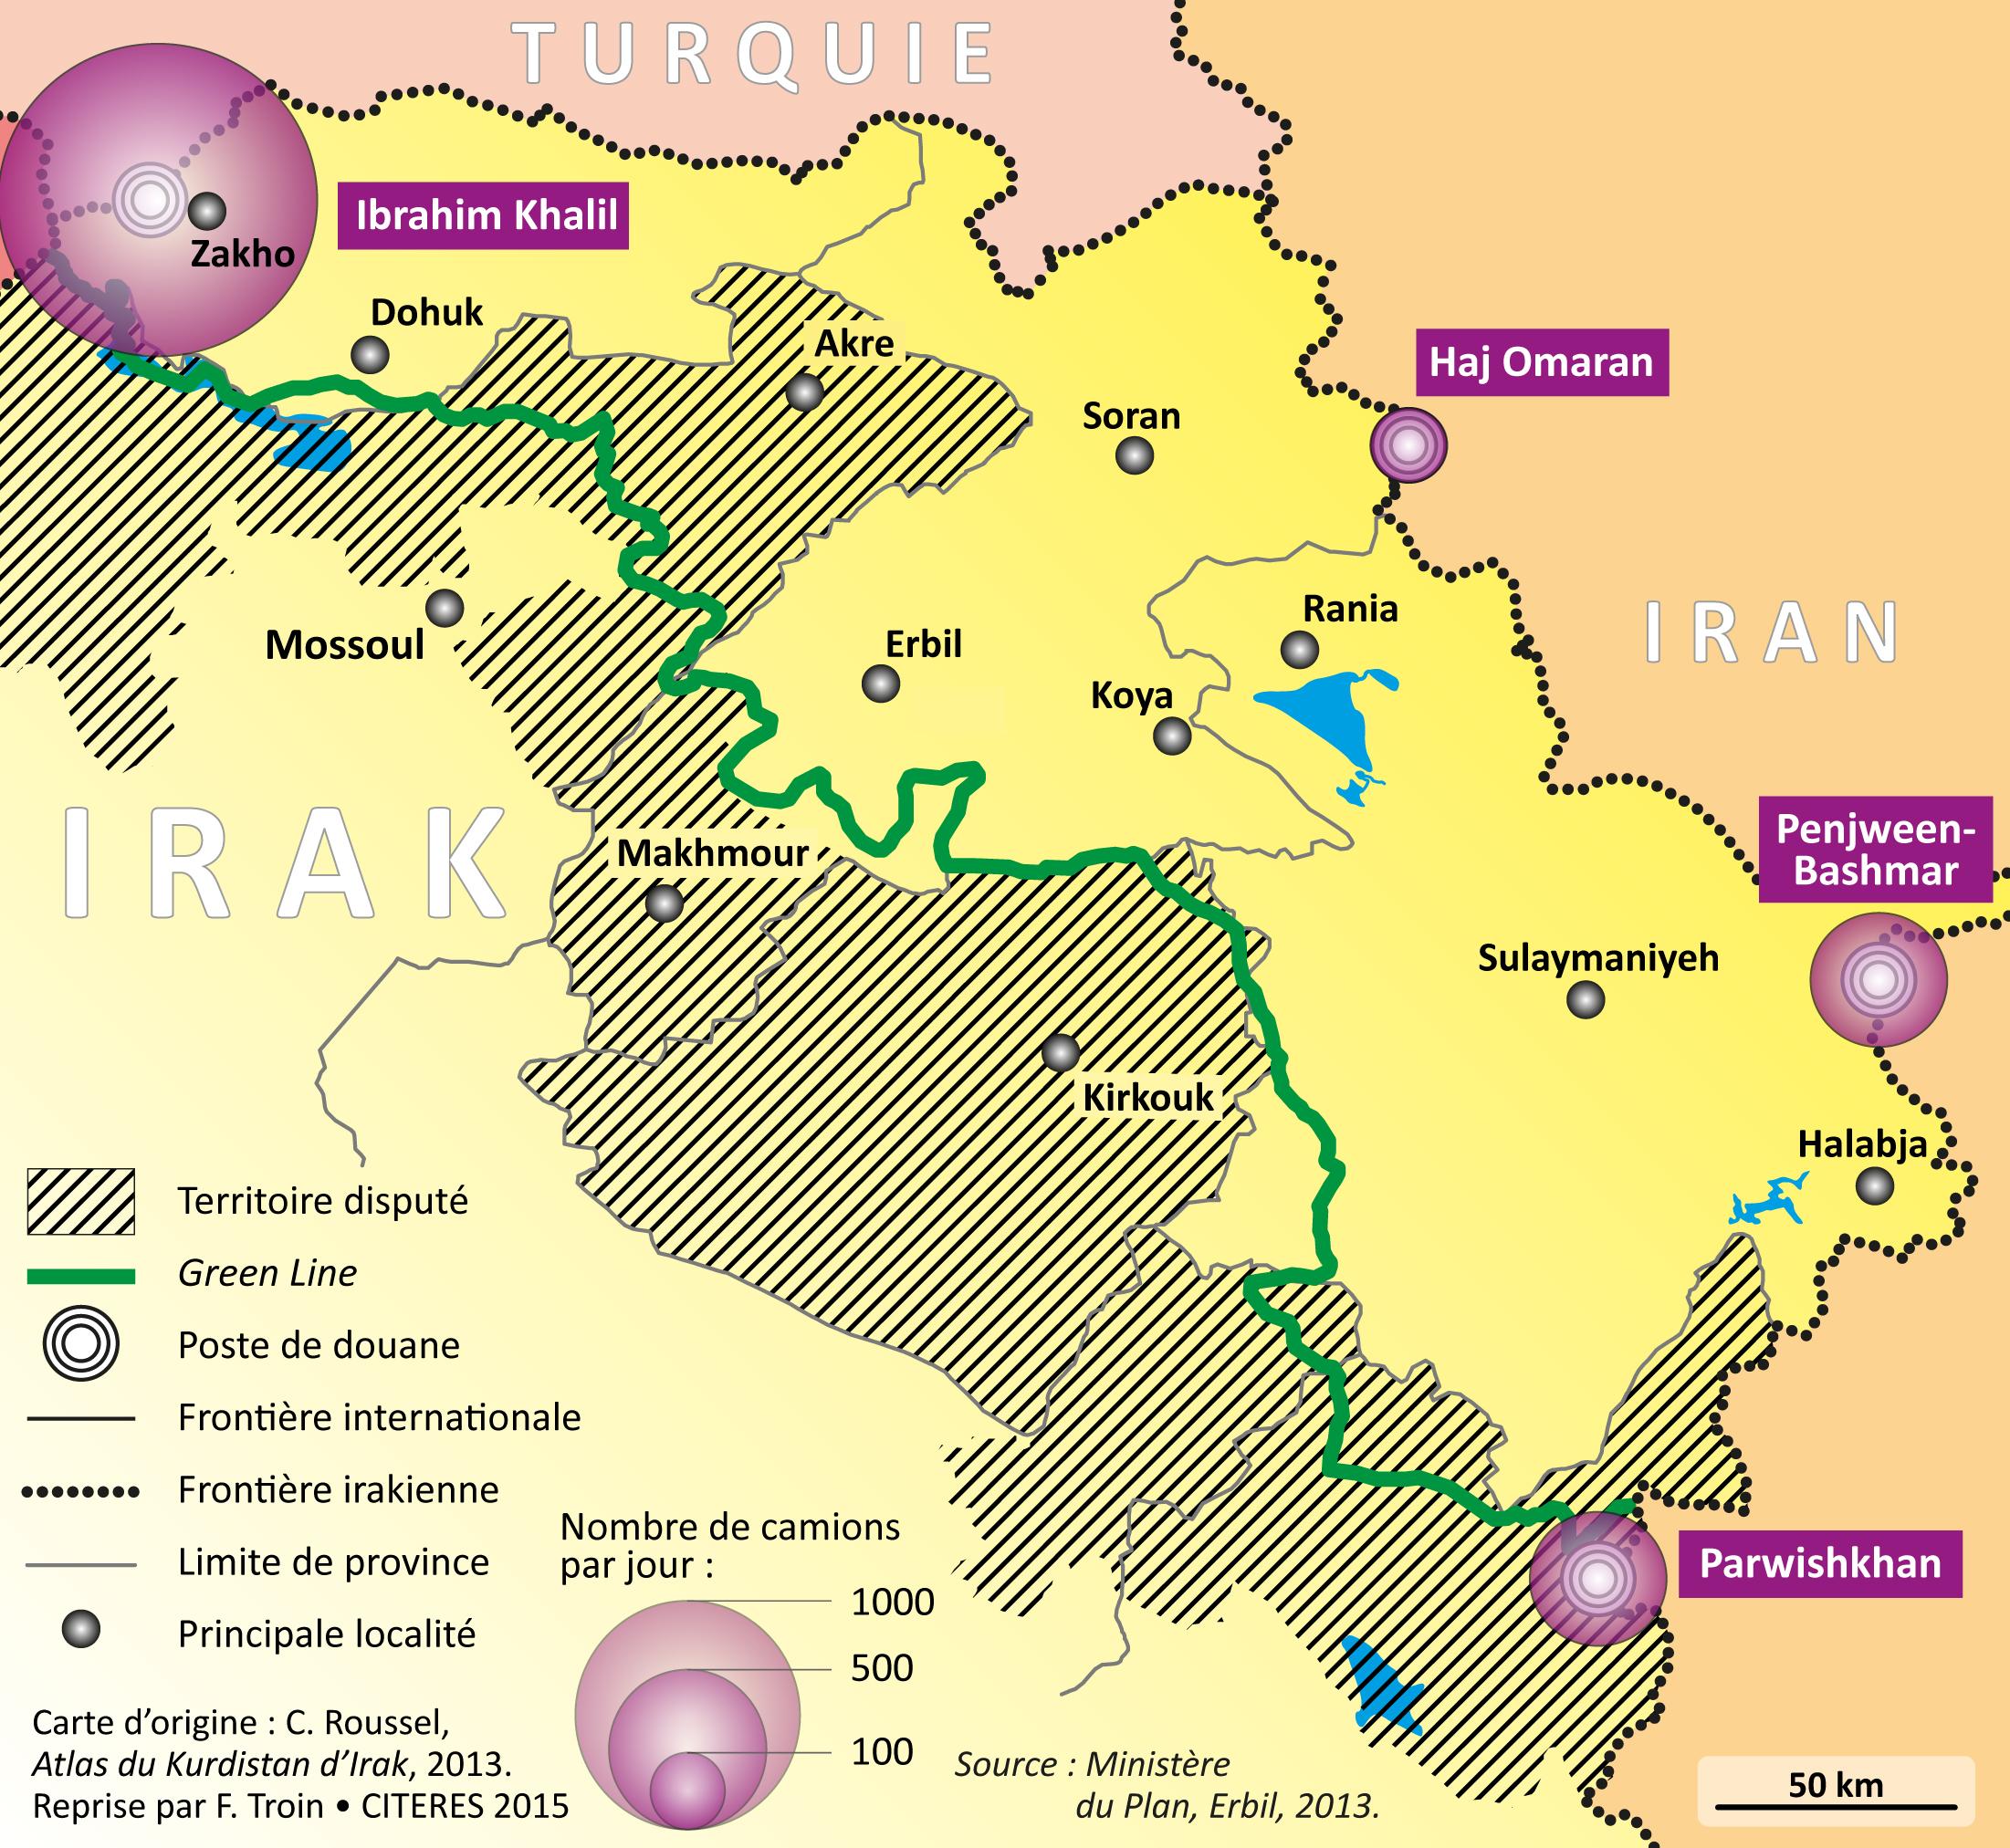 la frontière de la région de Rostov et le territoire de Krasnodar où le casino sera situé